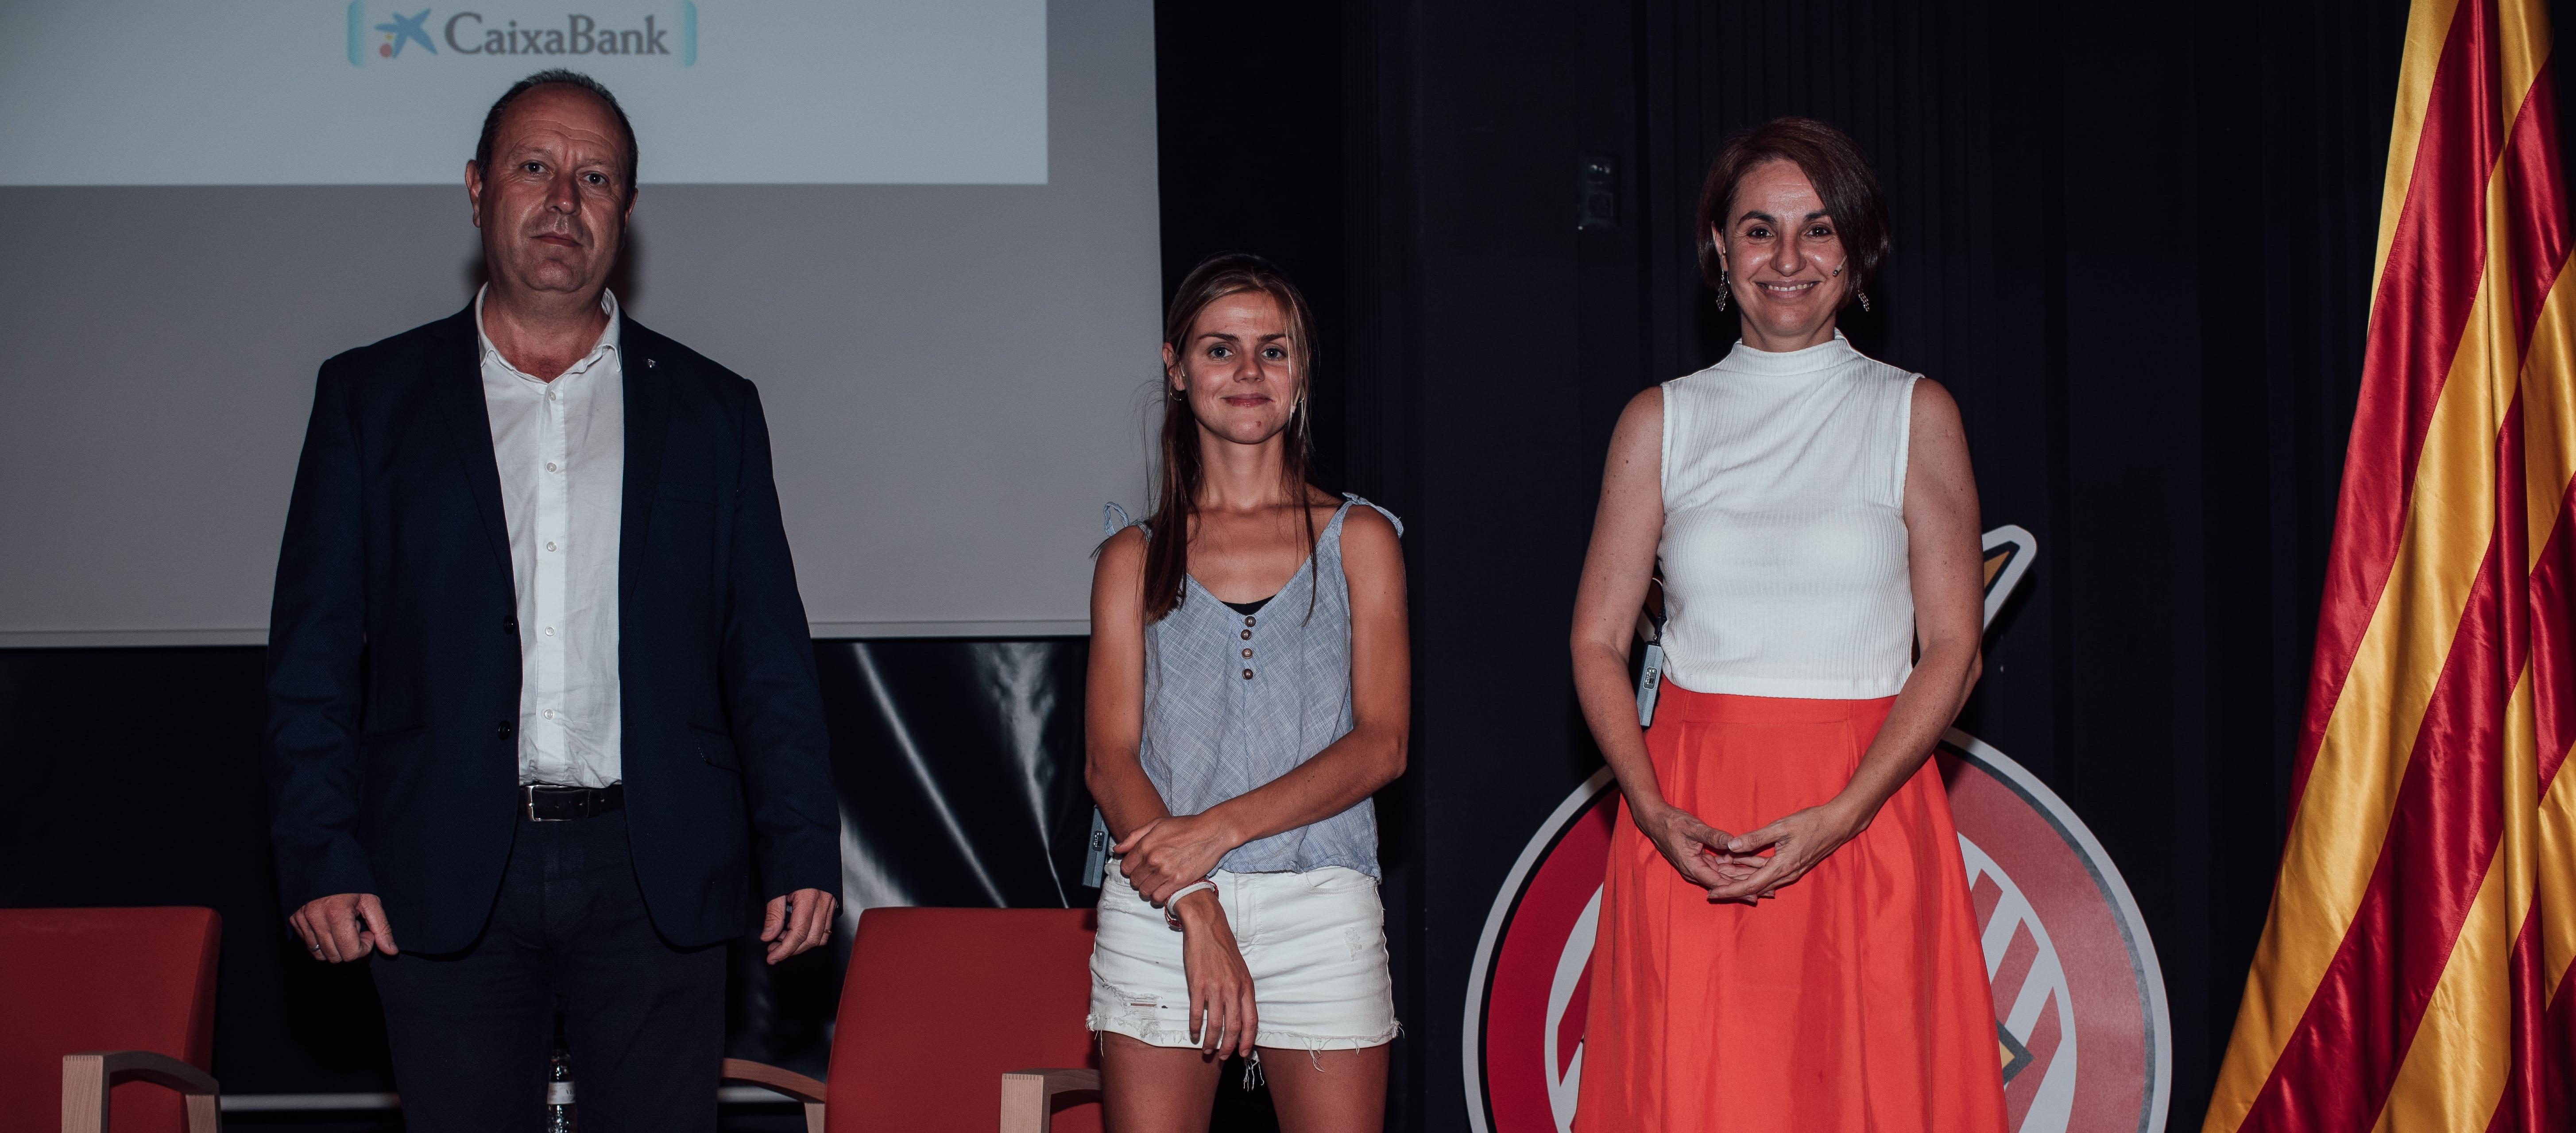 El vicepresident Jordi Bonet participa al col·loqui 'La dona en el futbol', del Girona FC